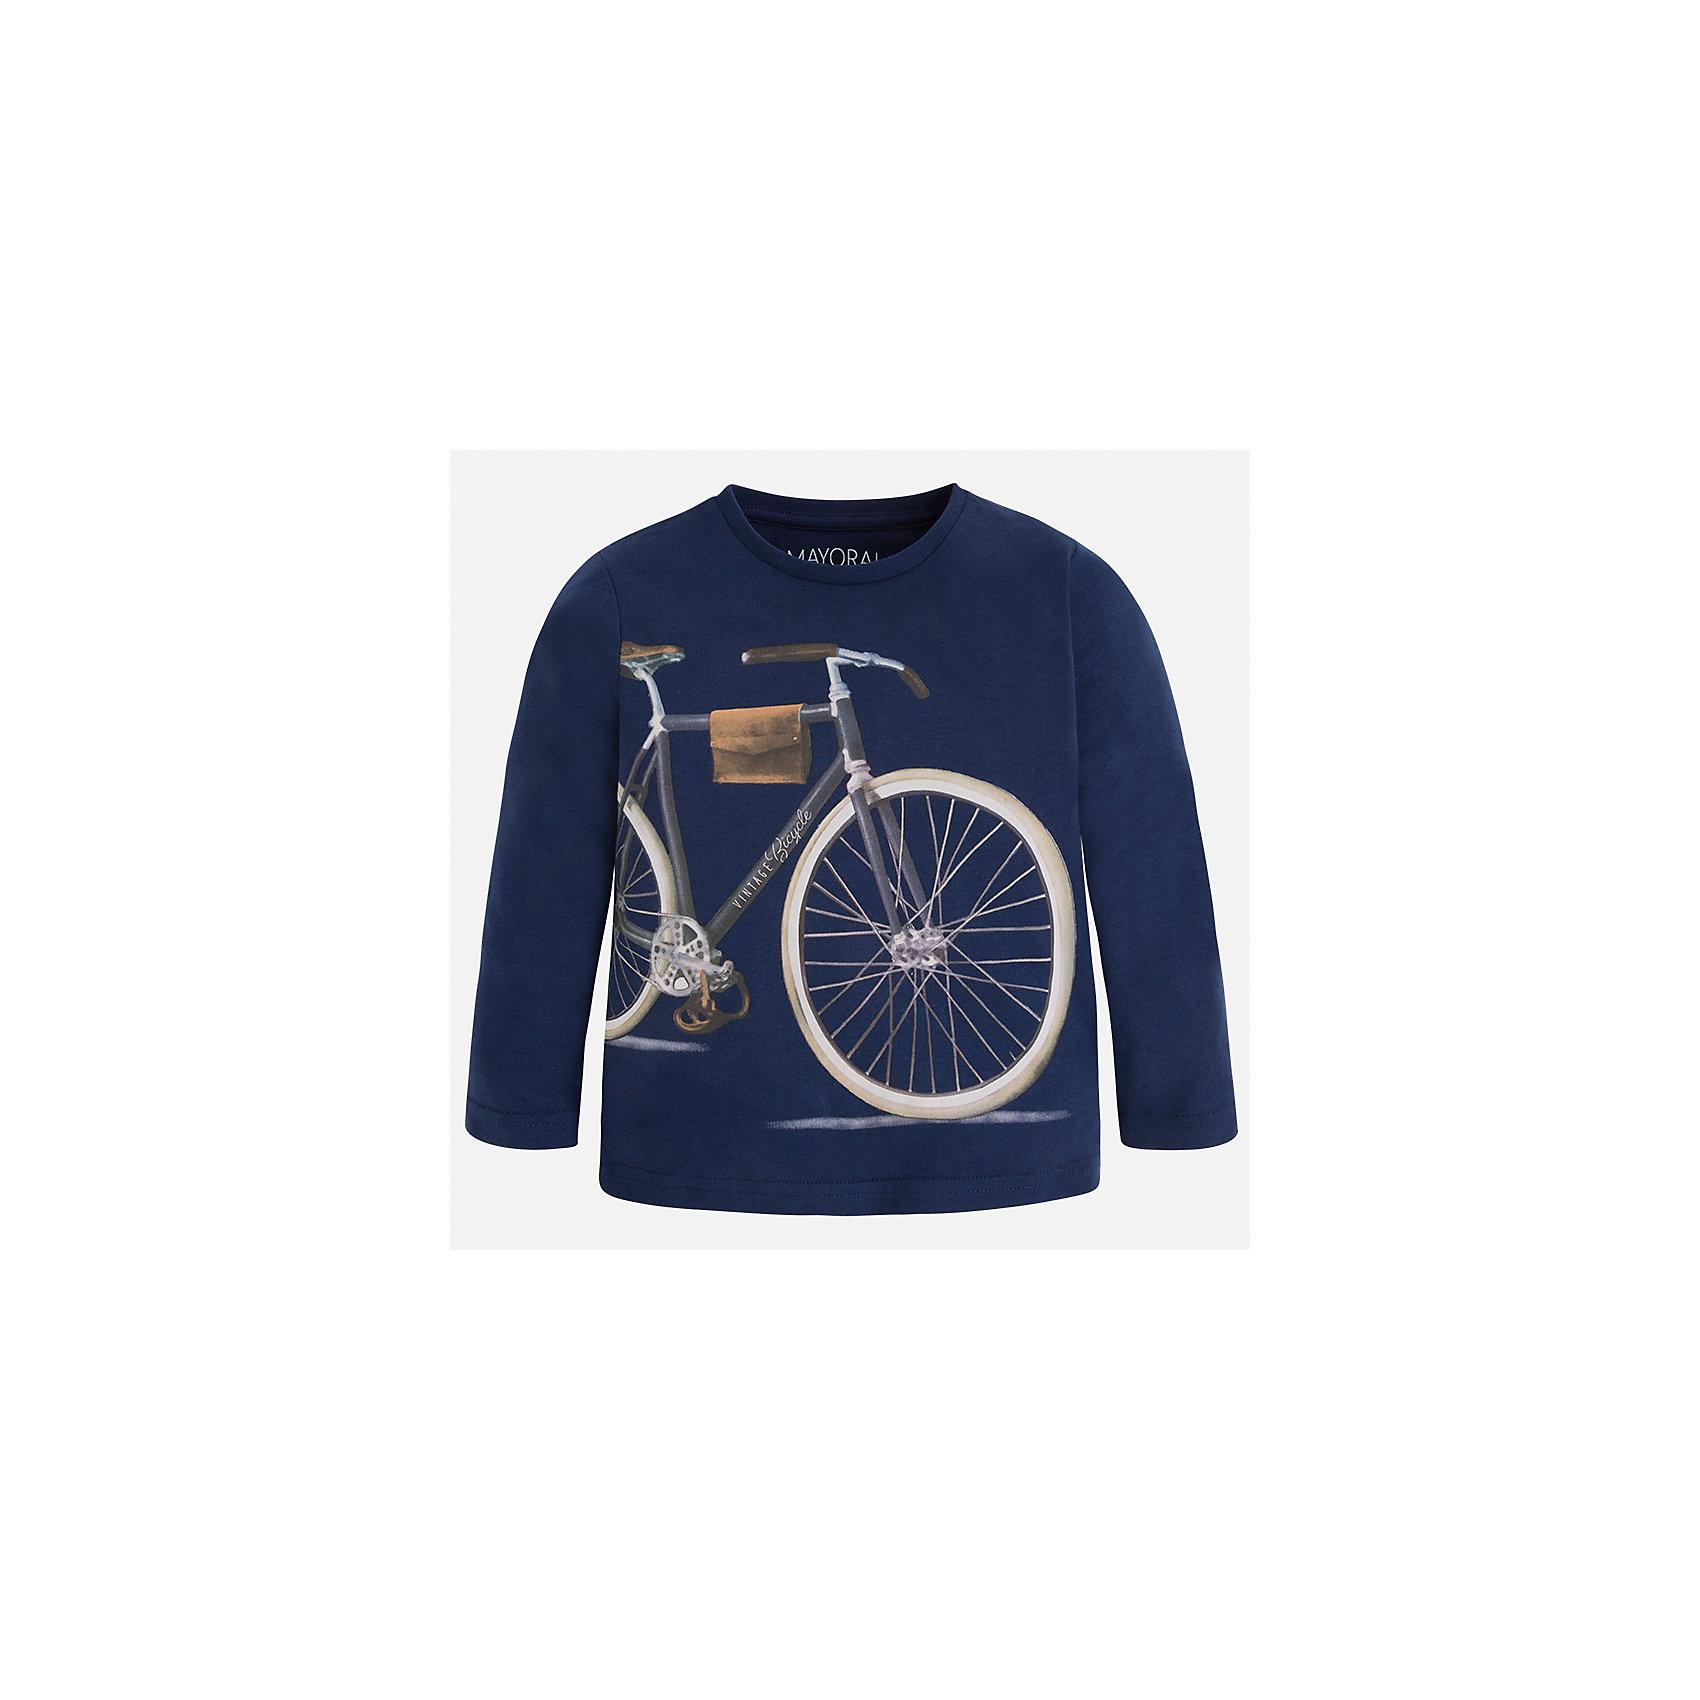 Футболка с длинным рукавом для мальчика MayoralХарактеристики товара:<br><br>• цвет: синий<br>• состав: 100% хлопок<br>• круглый горловой вырез<br>• декорирована принтом<br>• длинные рукава<br>• отделка горловины<br>• страна бренда: Испания<br><br>Удобная модная футболка с принтом поможет разнообразить гардероб мальчика. Она отлично сочетается с брюками, шортами, джинсами. Универсальный крой и цвет позволяет подобрать к вещи низ разных расцветок. Практичное и стильное изделие! Хорошо смотрится и комфортно сидит на детях. В составе материала - только натуральный хлопок, гипоаллергенный, приятный на ощупь, дышащий. <br><br>Одежда, обувь и аксессуары от испанского бренда Mayoral полюбились детям и взрослым по всему миру. Модели этой марки - стильные и удобные. Для их производства используются только безопасные, качественные материалы и фурнитура. Порадуйте ребенка модными и красивыми вещами от Mayoral! <br><br>Футболку с длинным рукавом для мальчика от испанского бренда Mayoral (Майорал) можно купить в нашем интернет-магазине.<br><br>Ширина мм: 230<br>Глубина мм: 40<br>Высота мм: 220<br>Вес г: 250<br>Цвет: синий<br>Возраст от месяцев: 24<br>Возраст до месяцев: 36<br>Пол: Мужской<br>Возраст: Детский<br>Размер: 98,134,92,110,128,122,116,104<br>SKU: 5280228